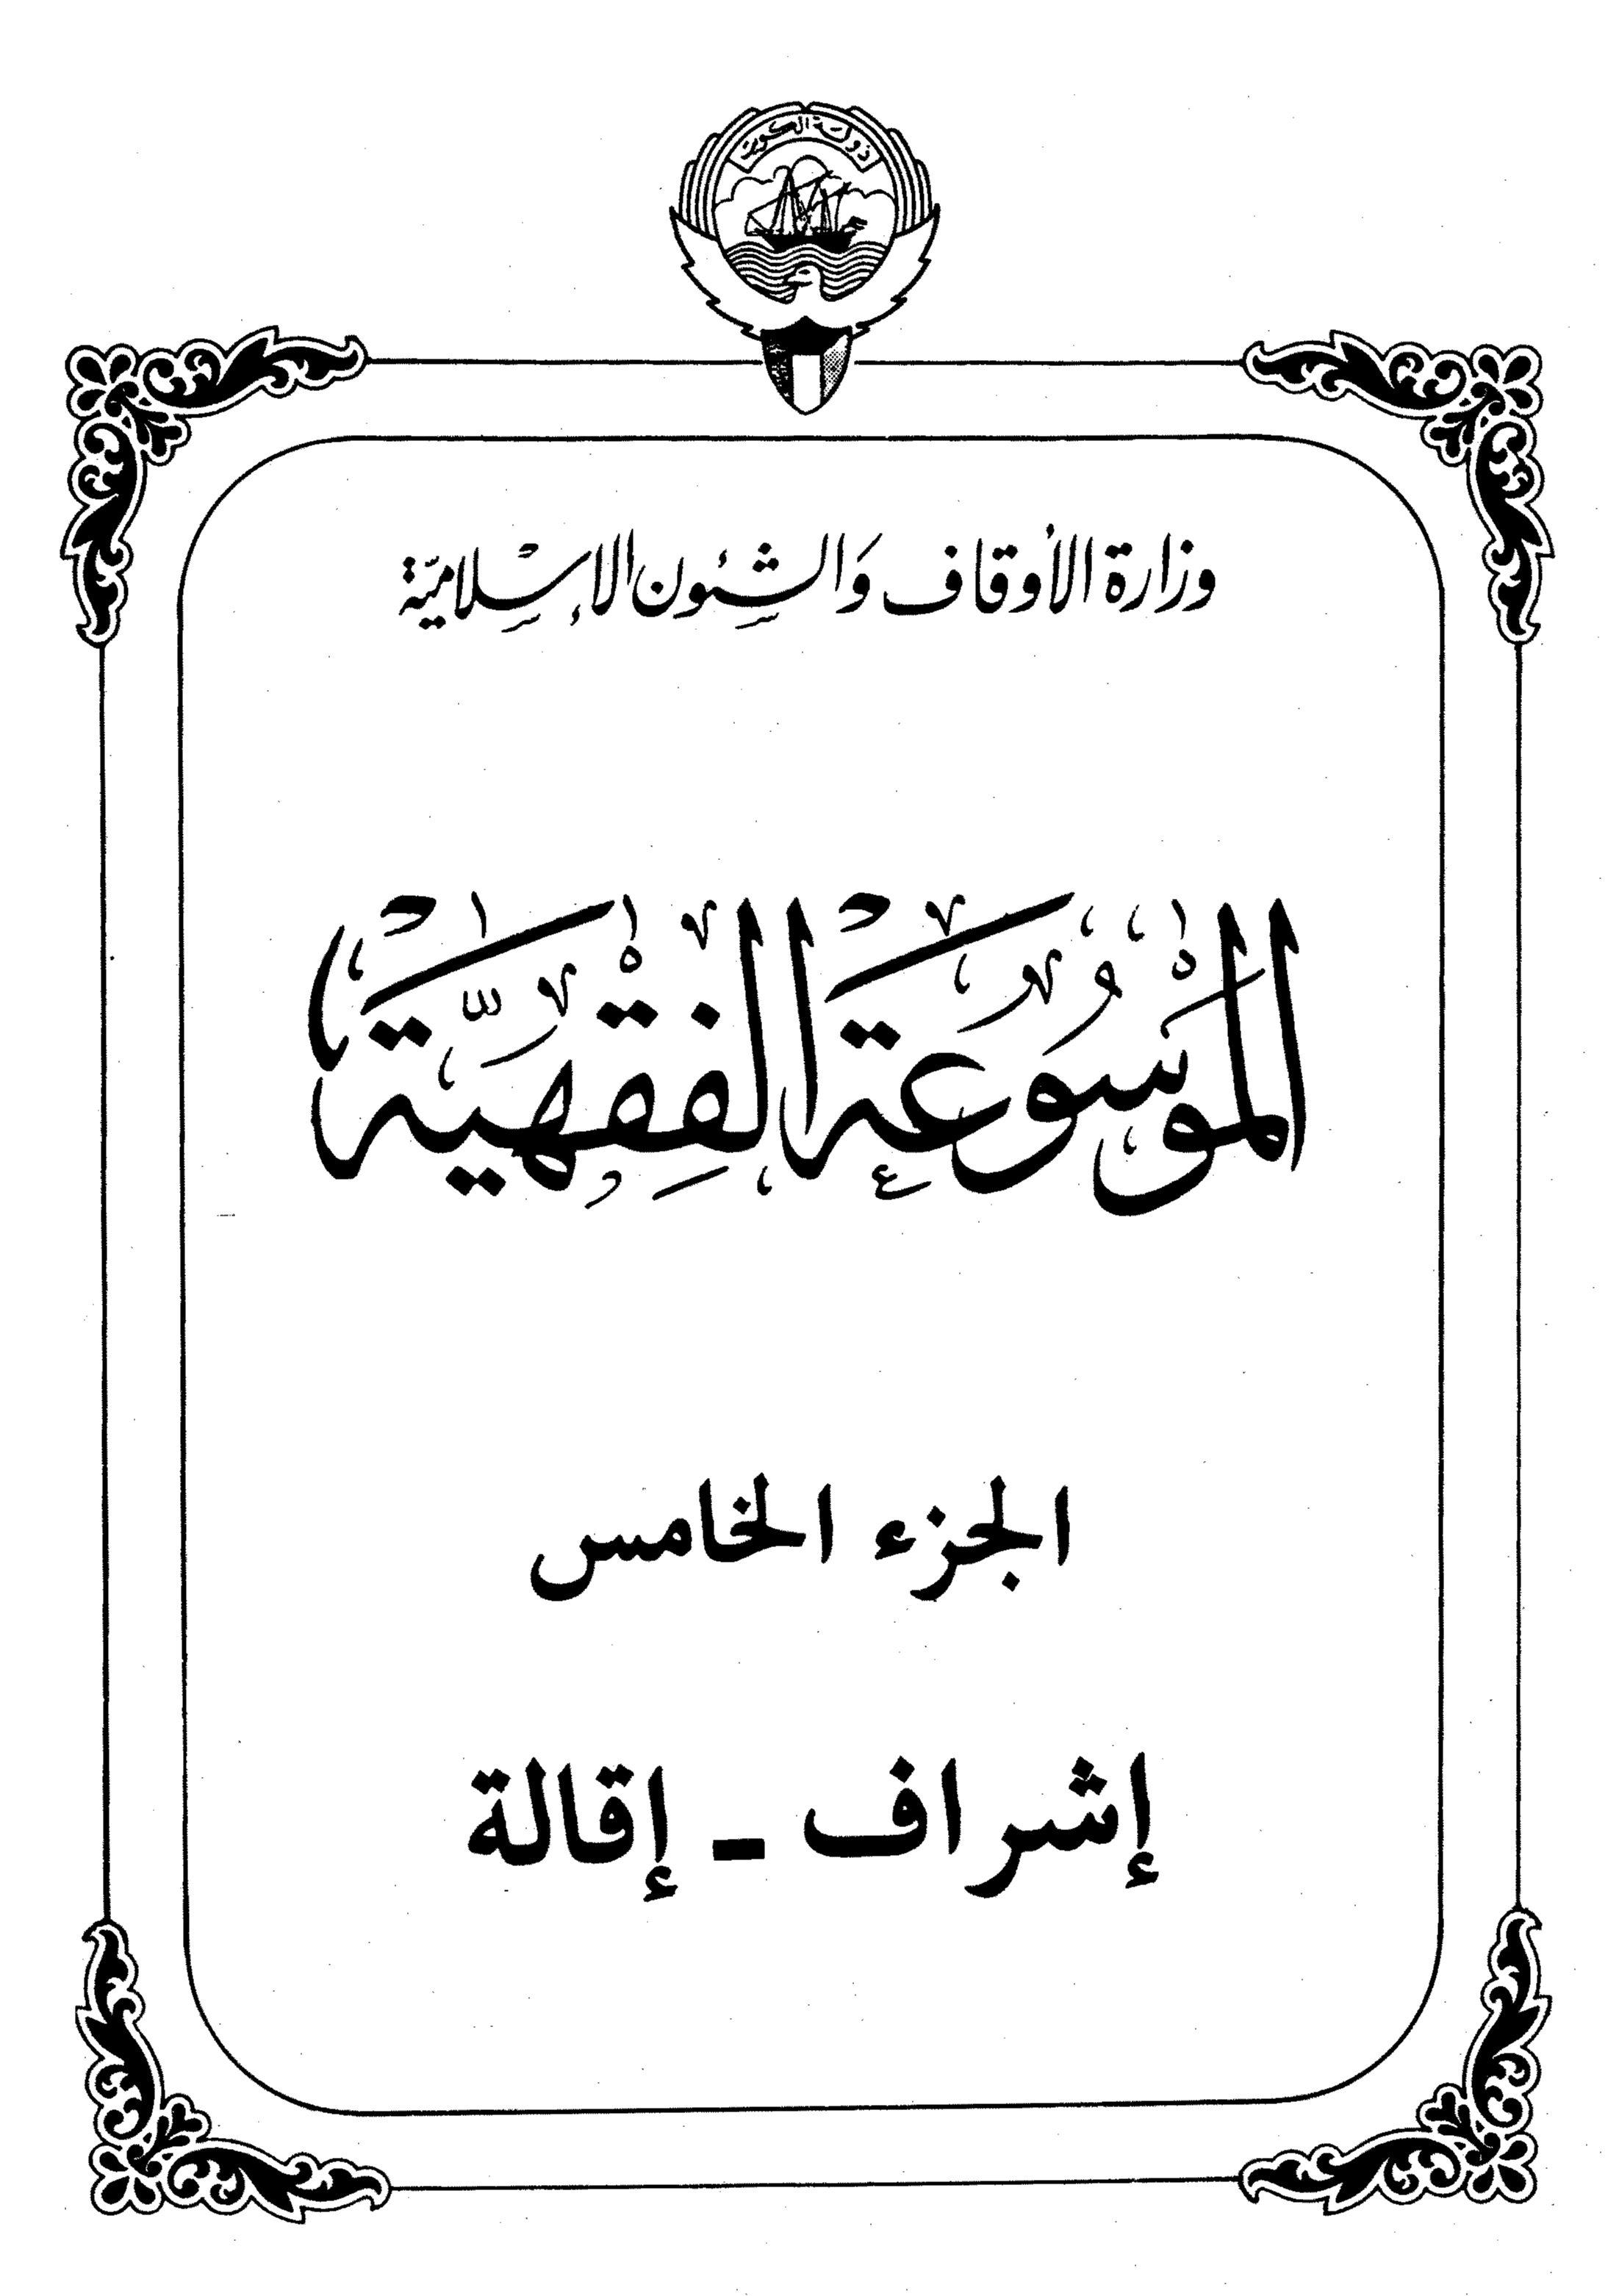 الموسوعة الفقهية الكويتية الجزء الخامس (إشراف- إقالة)